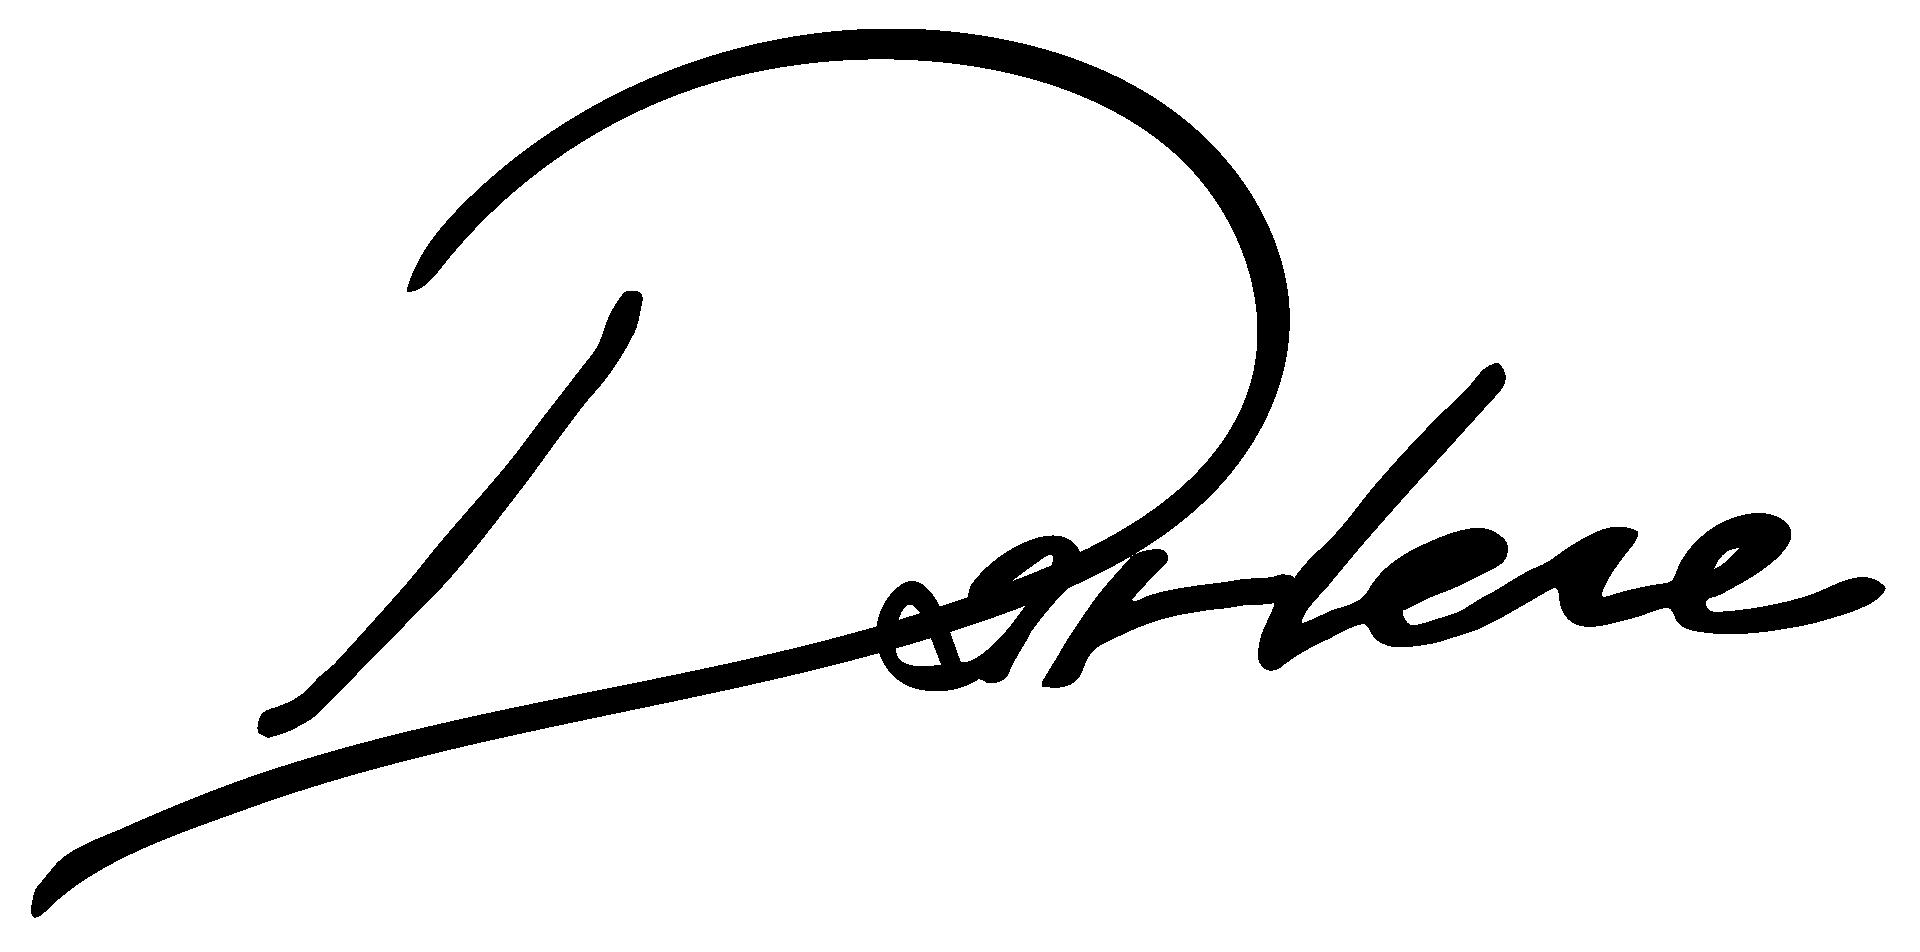 Darlene Zschech_Logo Final 2019_black.png